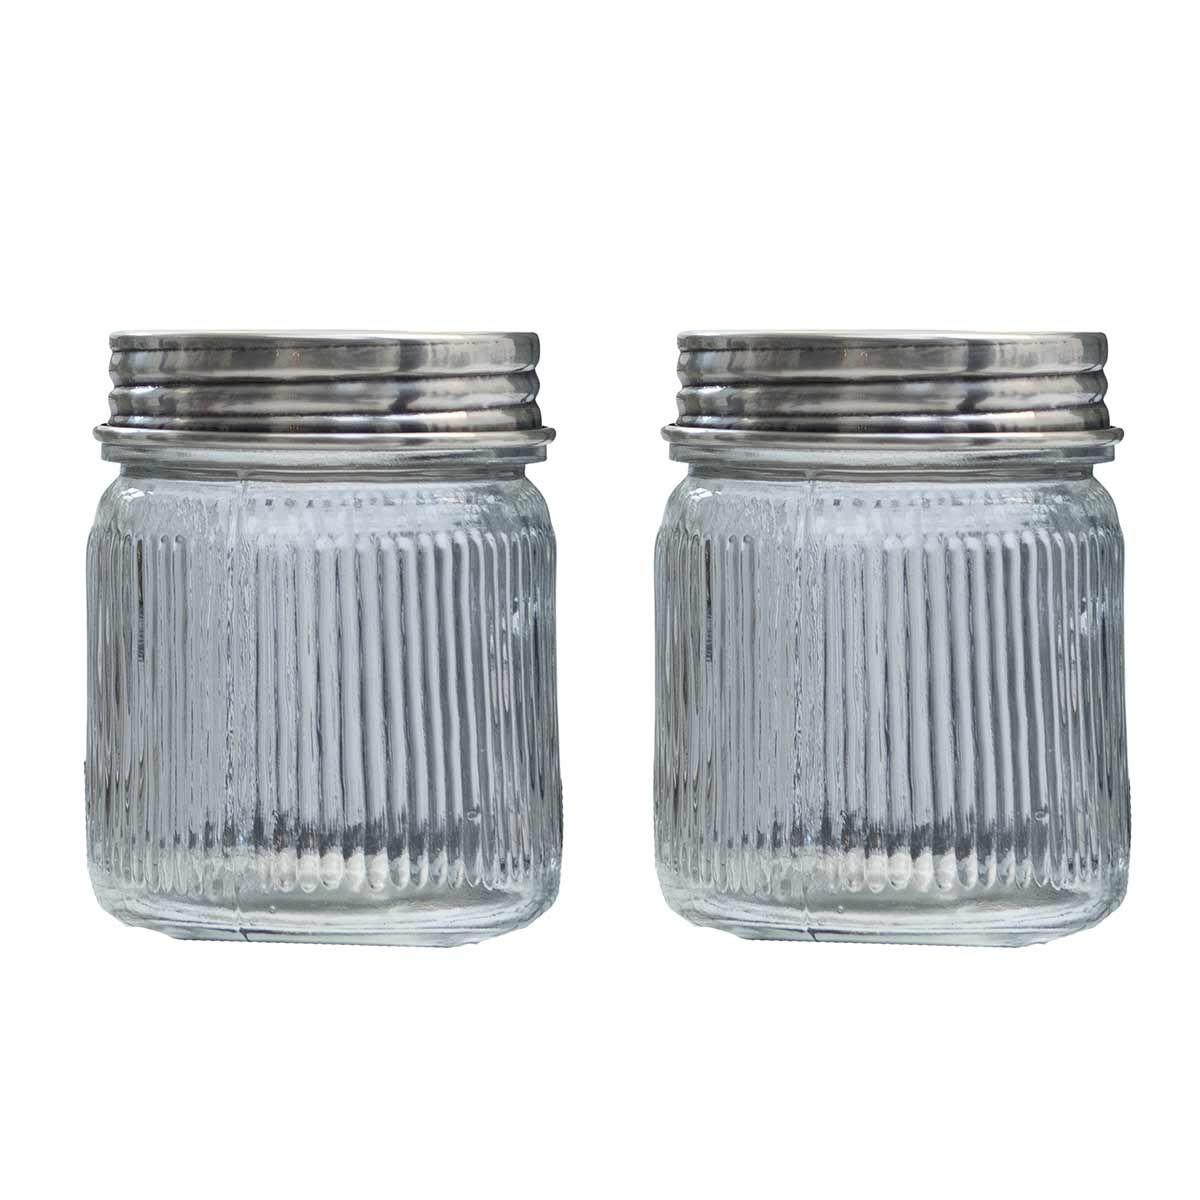 Set de 2 bocaux en verre et laiton argent